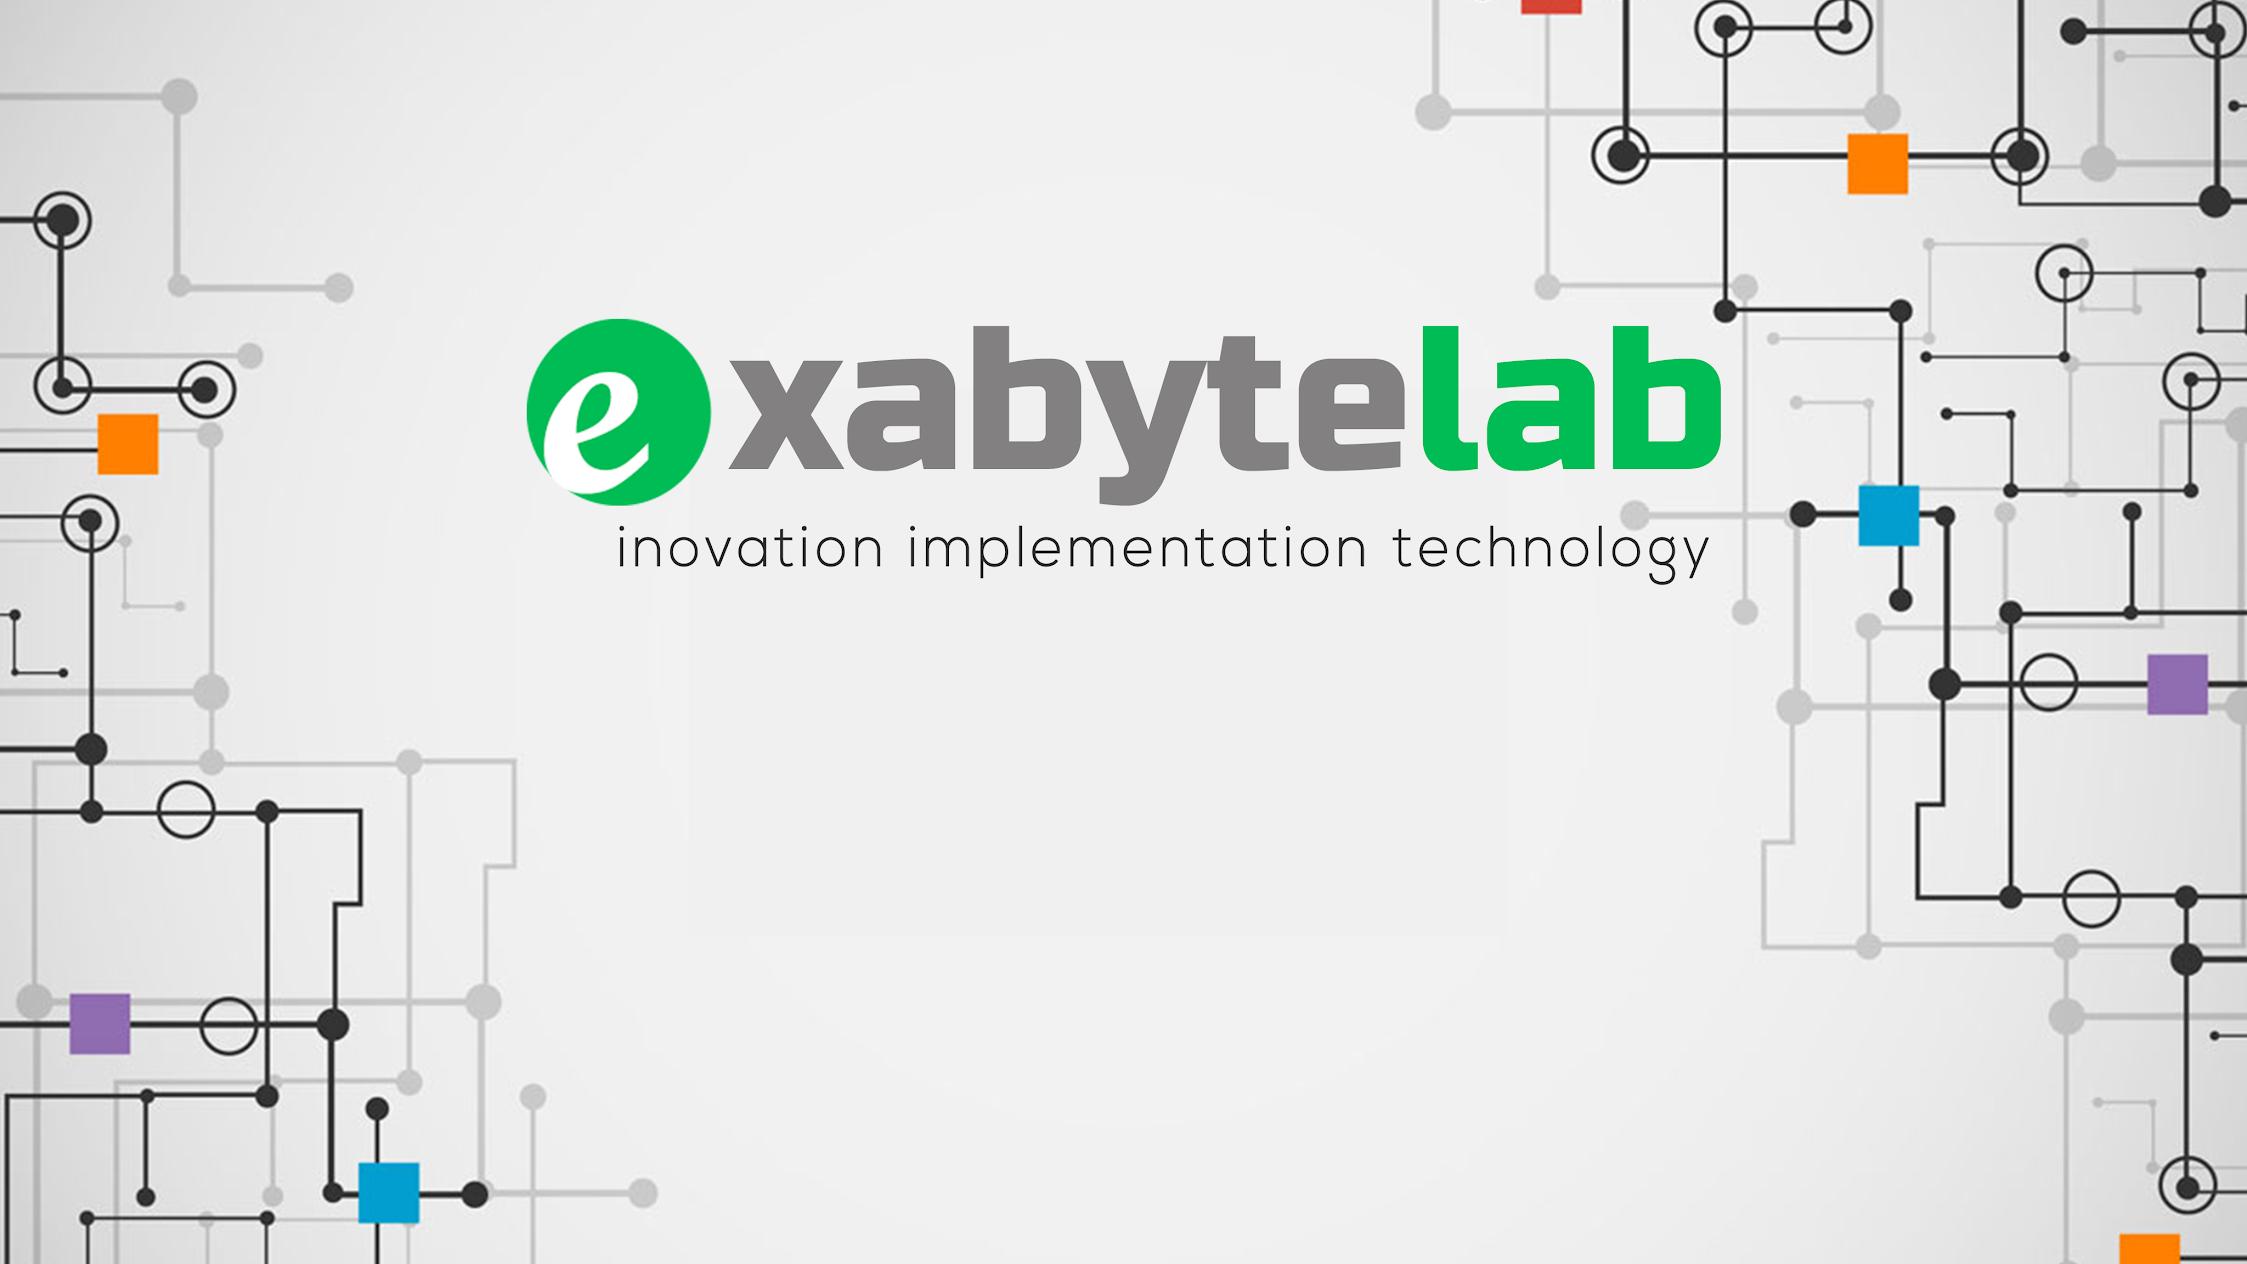 ExabyteLab